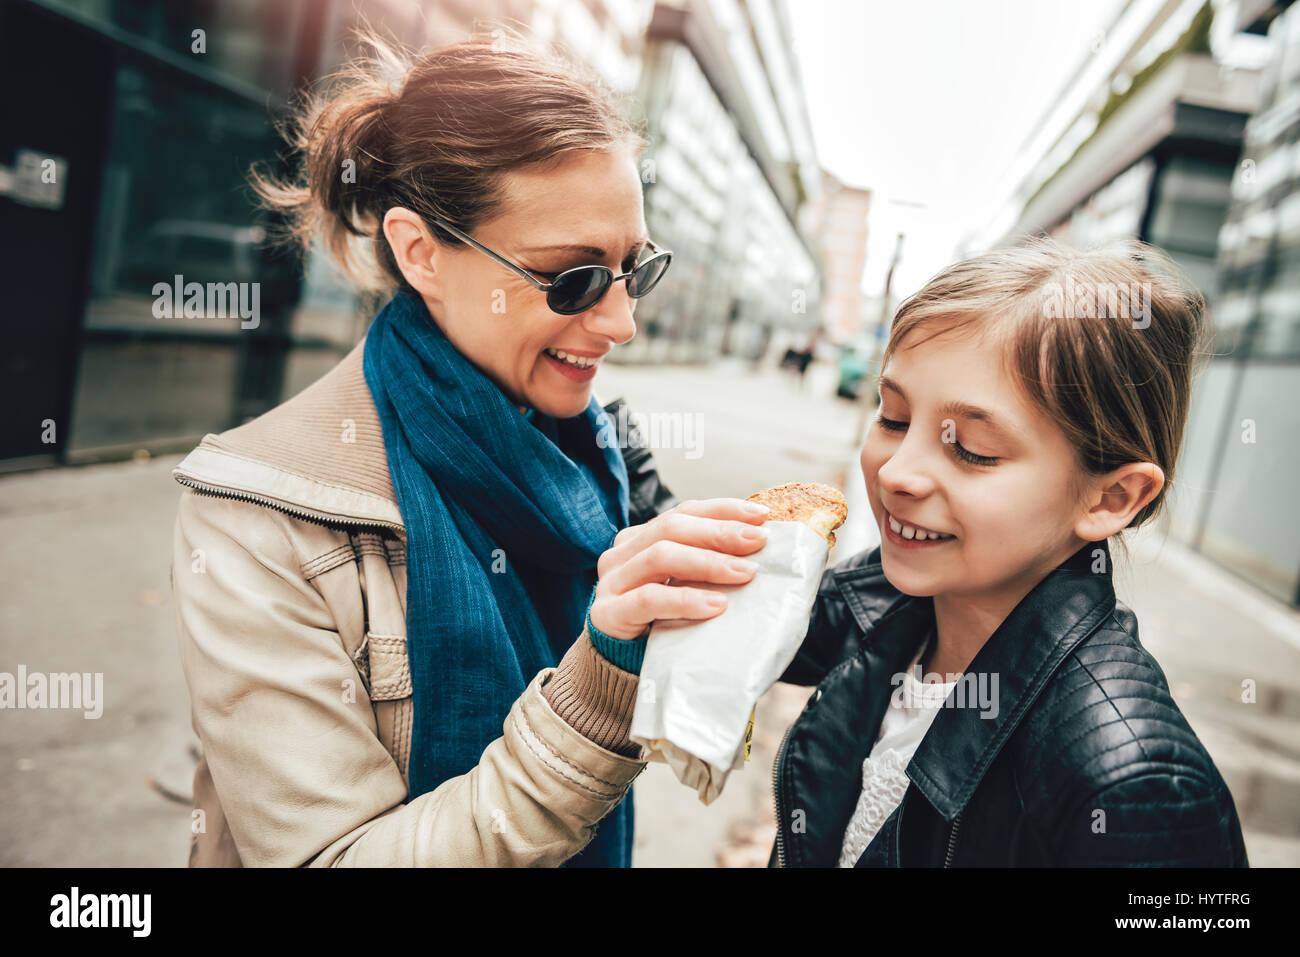 Mère marcher dans la ville et sa fille sandwich partage Photo Stock